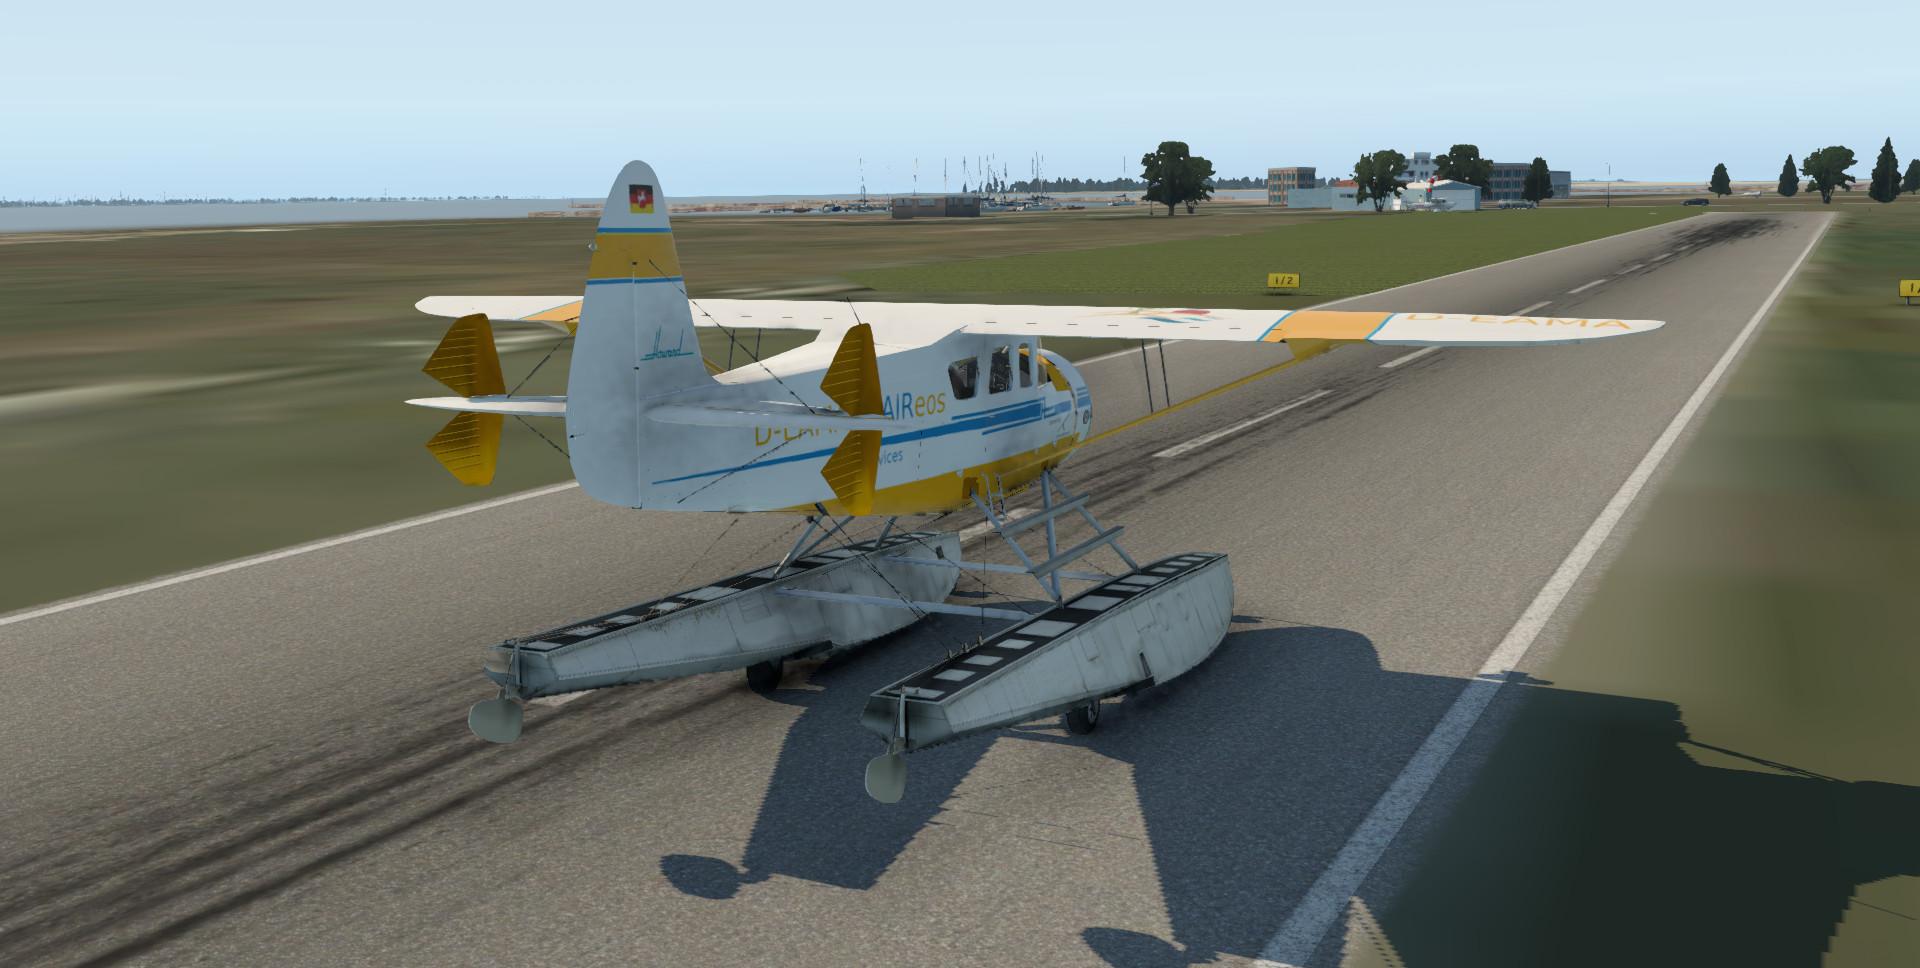 nordseerundflug-011eqkv1.jpg